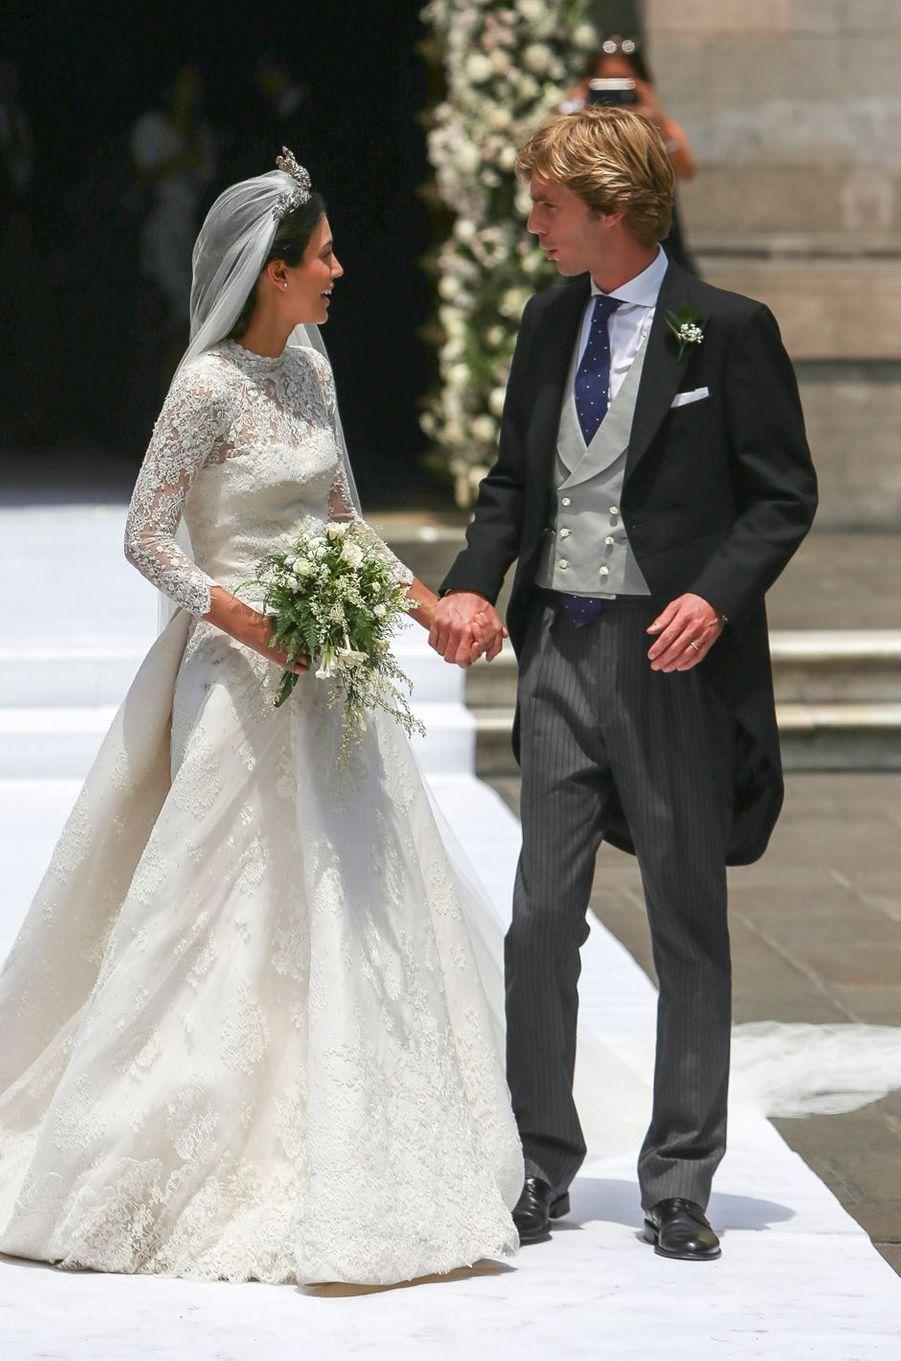 Alessandra de Osma et le prince Christian de Hanovre, le jour de son mariage, à Lima le 16 mars 2018